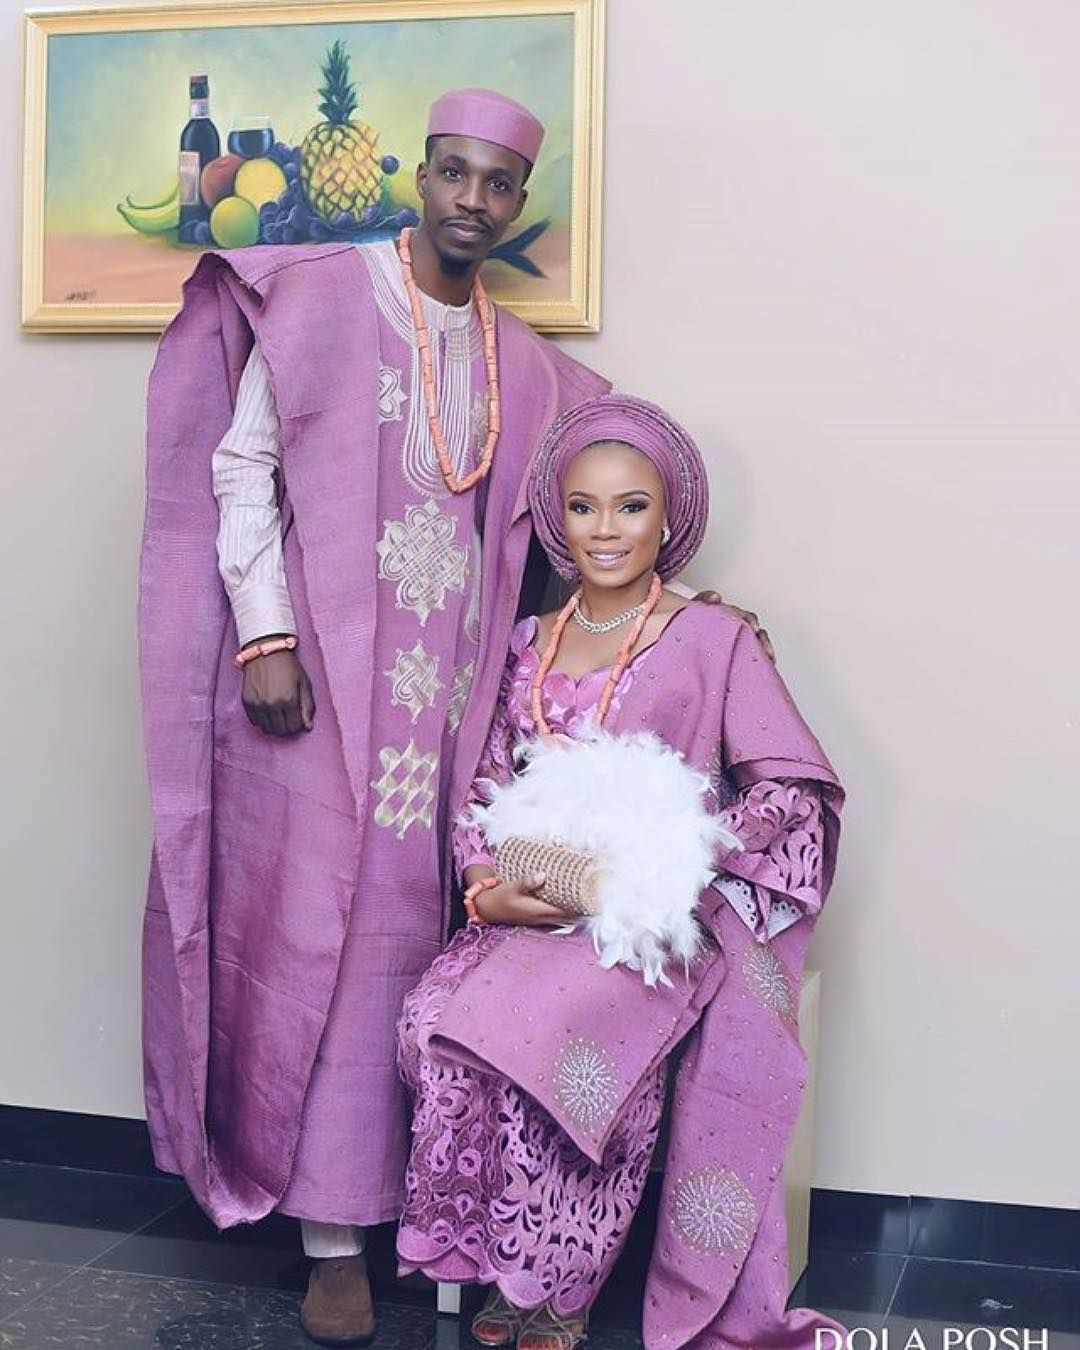 Pin de lola oluwole en African fashion   Pinterest   Vestido de gala ...